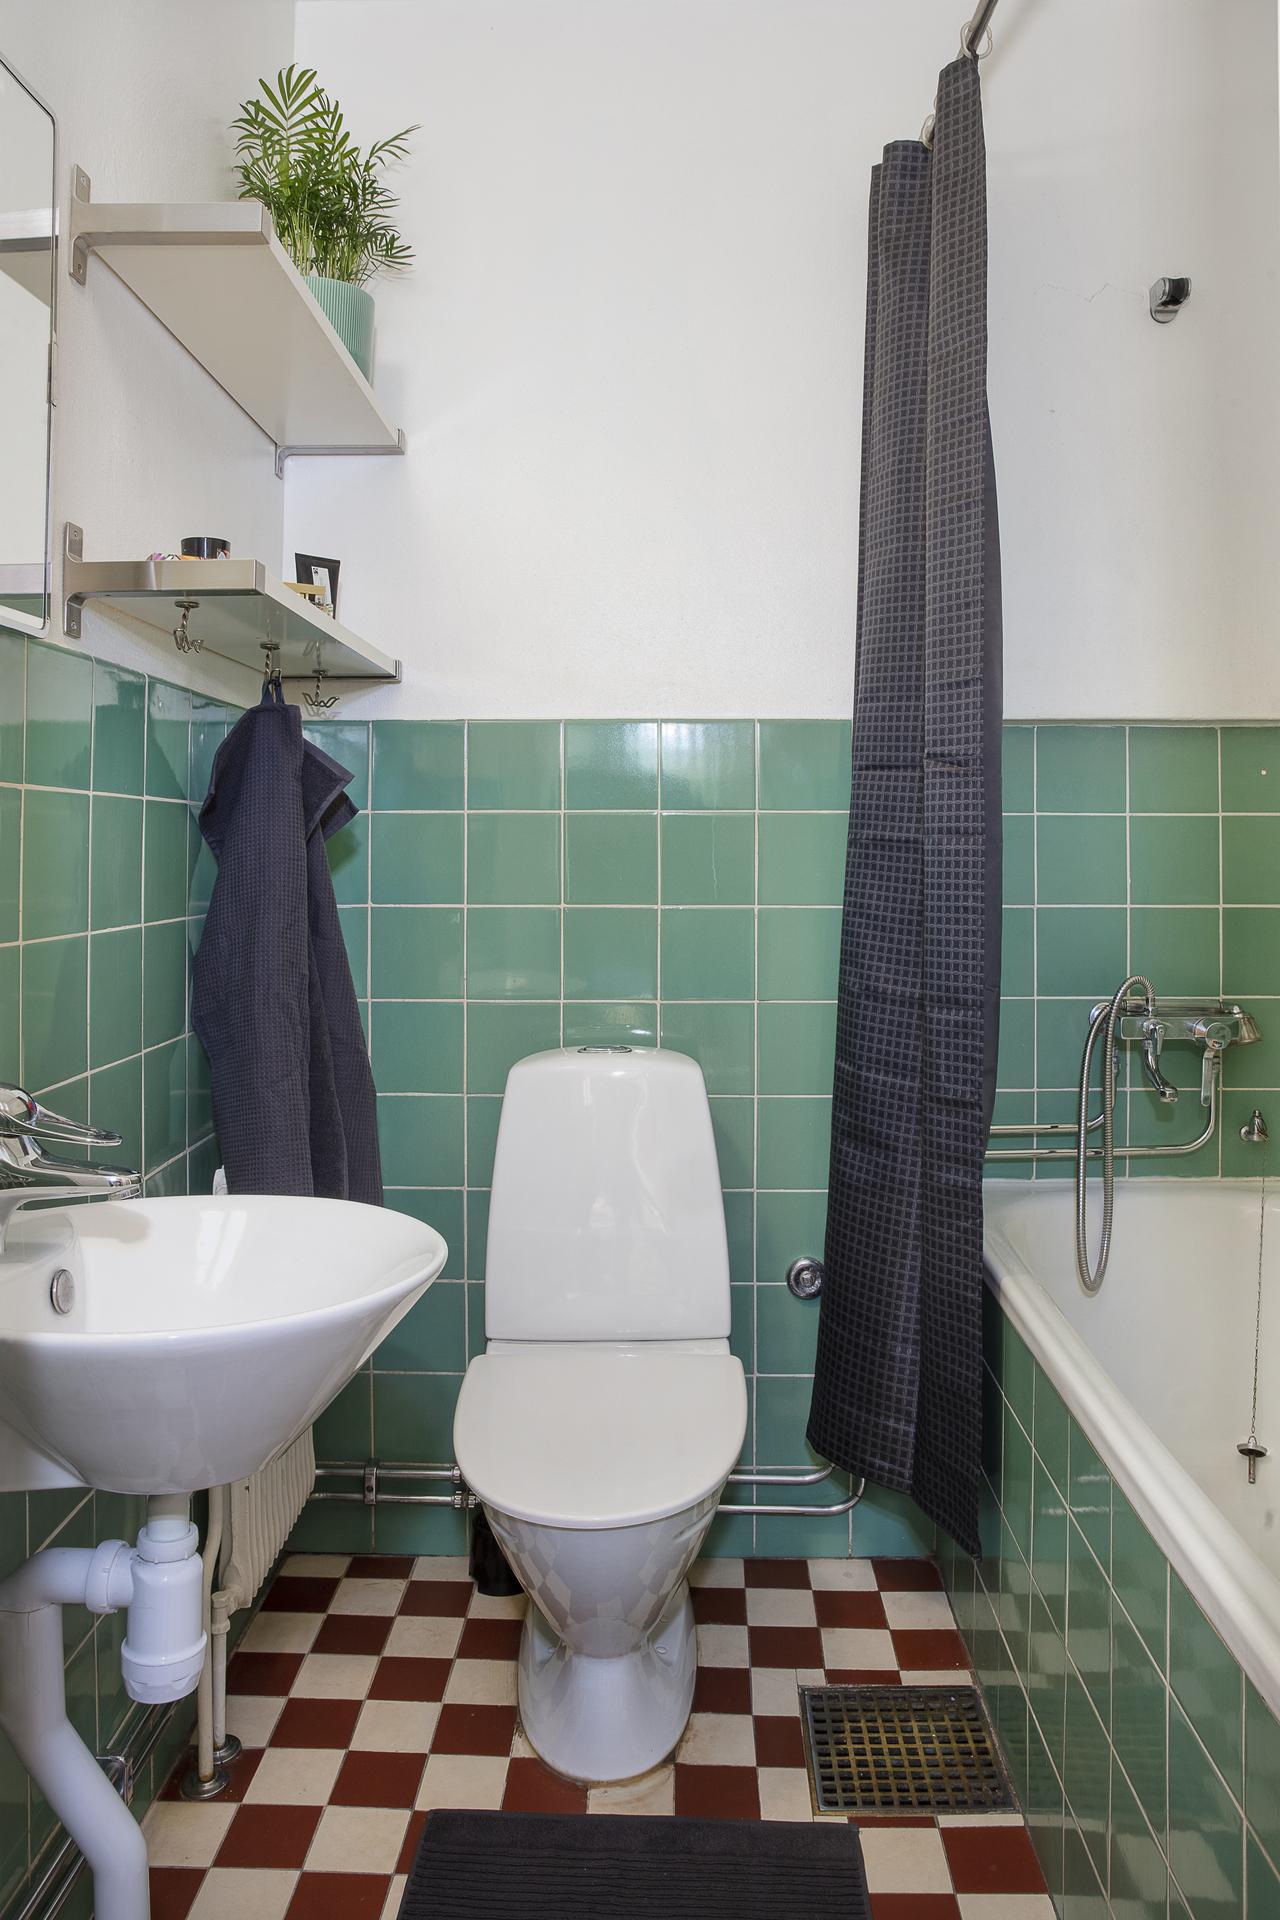 Badrummet som är i originalutförande har ett inkaklat badkar